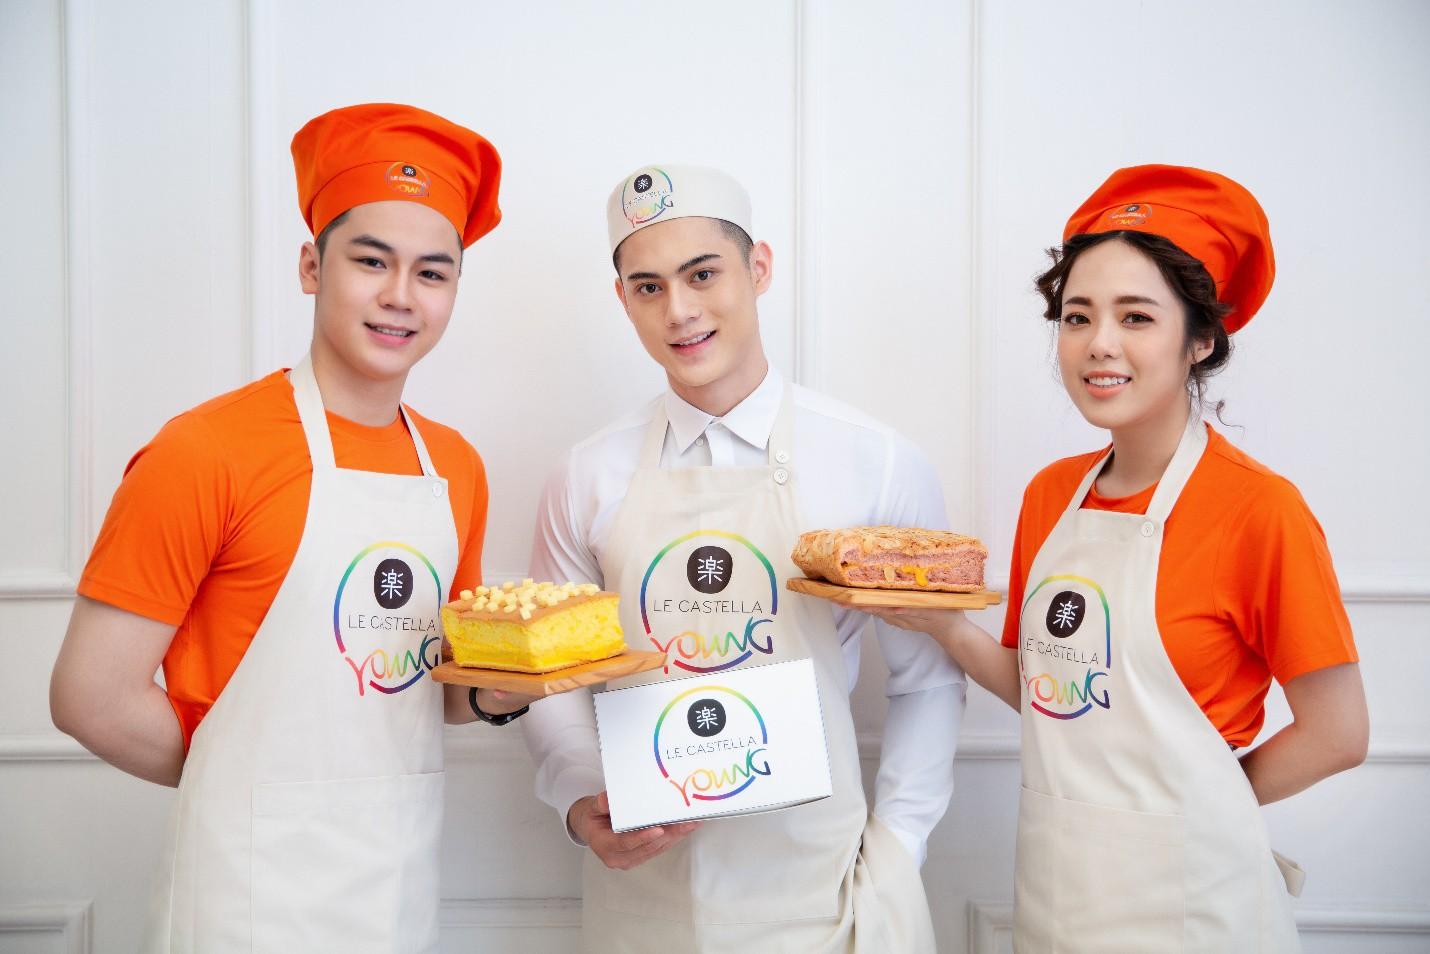 """Lộ diện thương hiệu bánh mới """"hợp lòng teen"""" của Le Castella Việt Nam: Mô hình mới toanh, 4 vị hot giá cực mềm tay - Ảnh 2."""